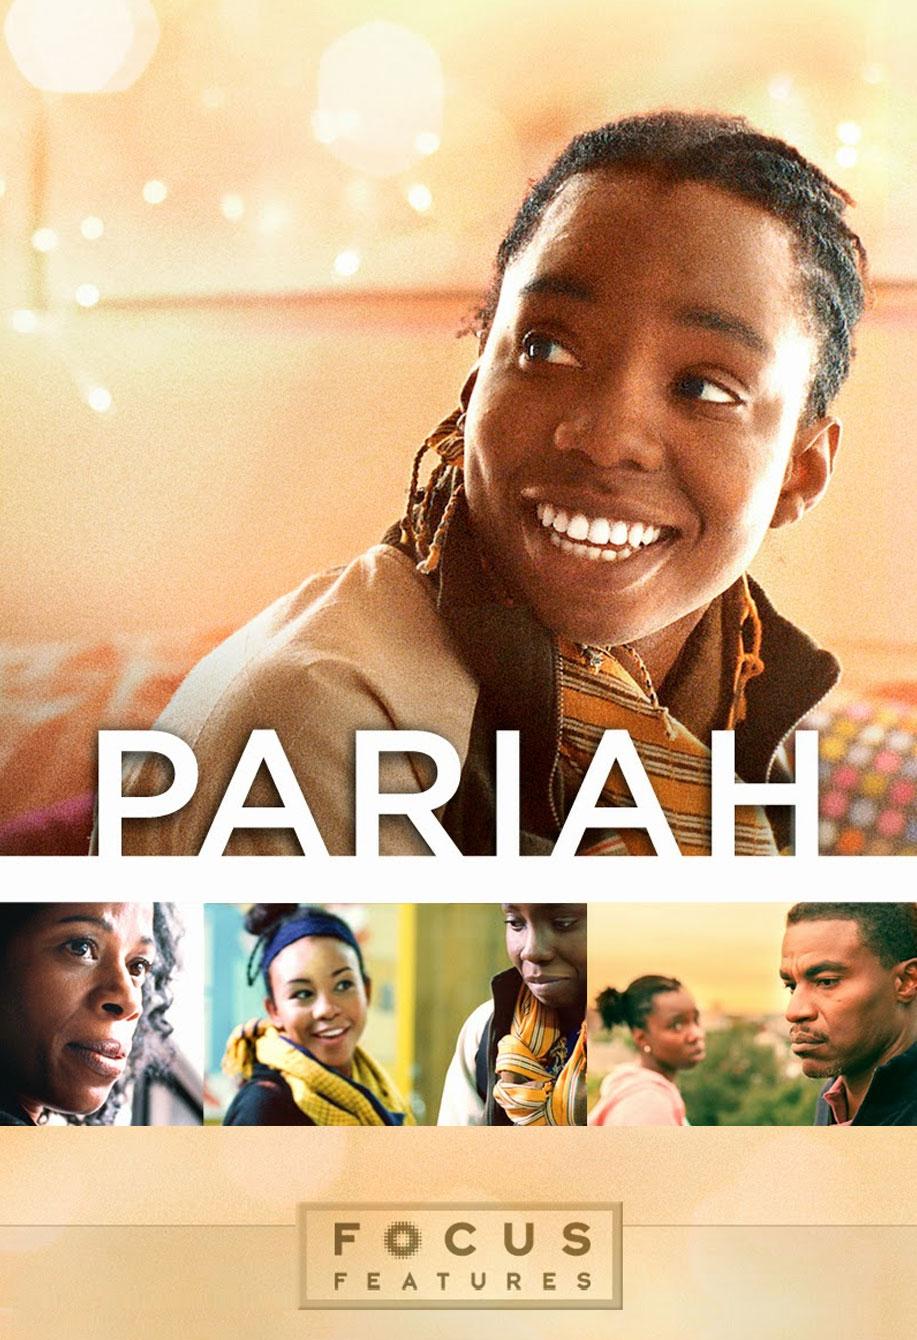 PARIAH,FOCUS FEATURES 2011 - Film, Music & Soundtrack